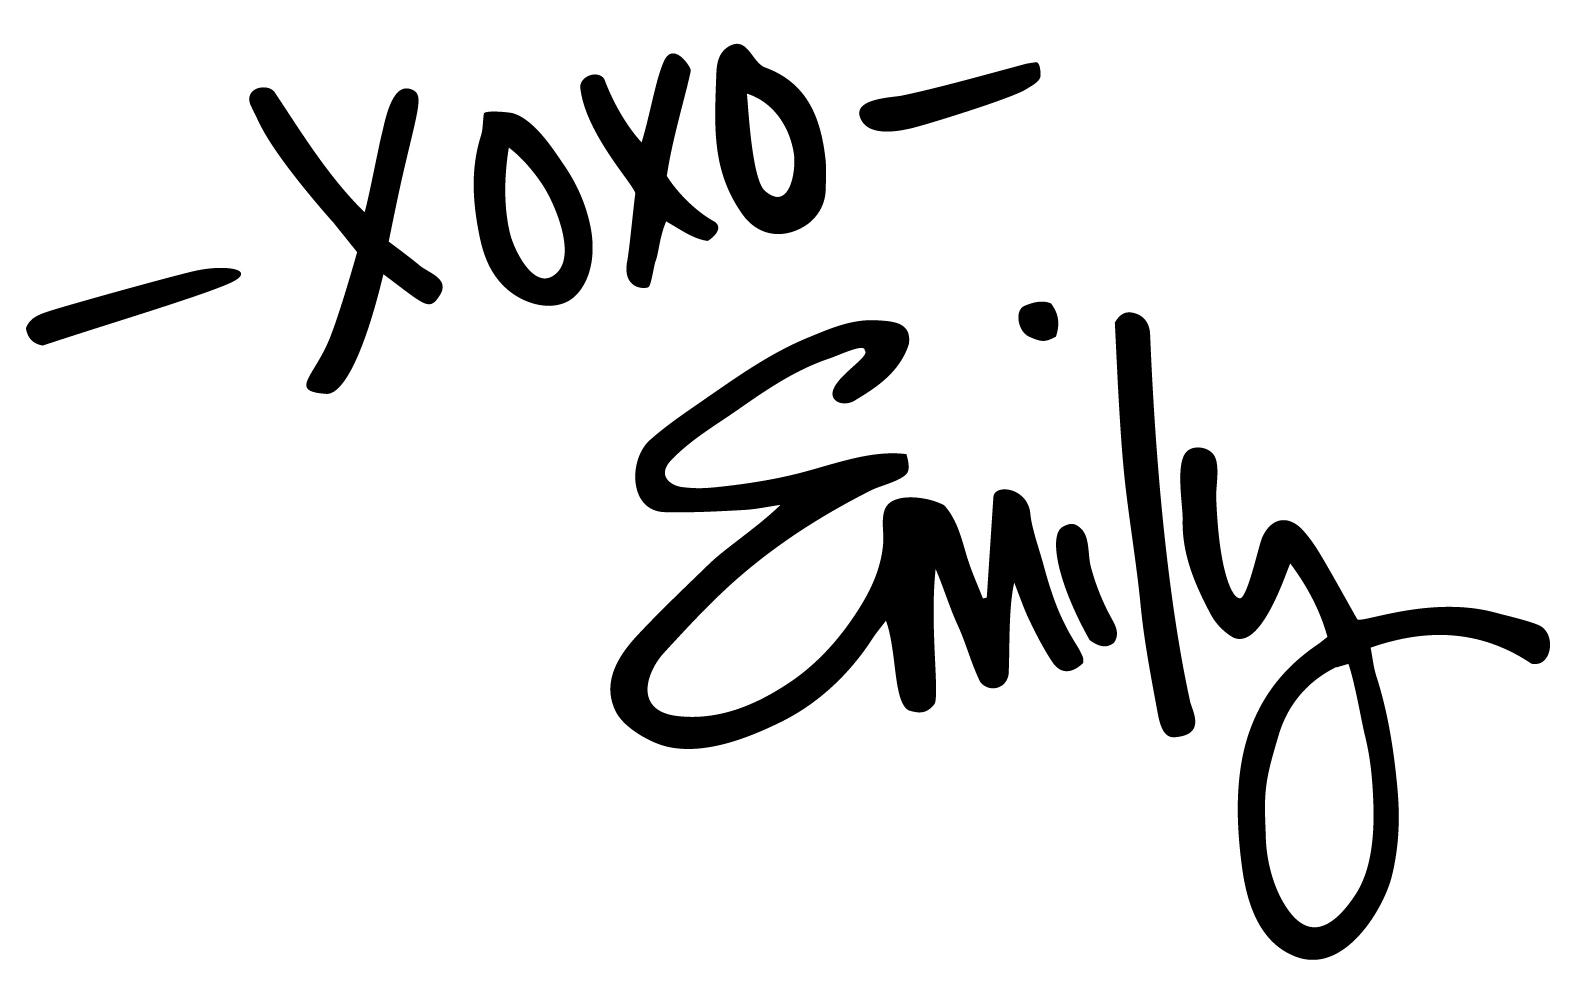 signature-XOXO.jpg